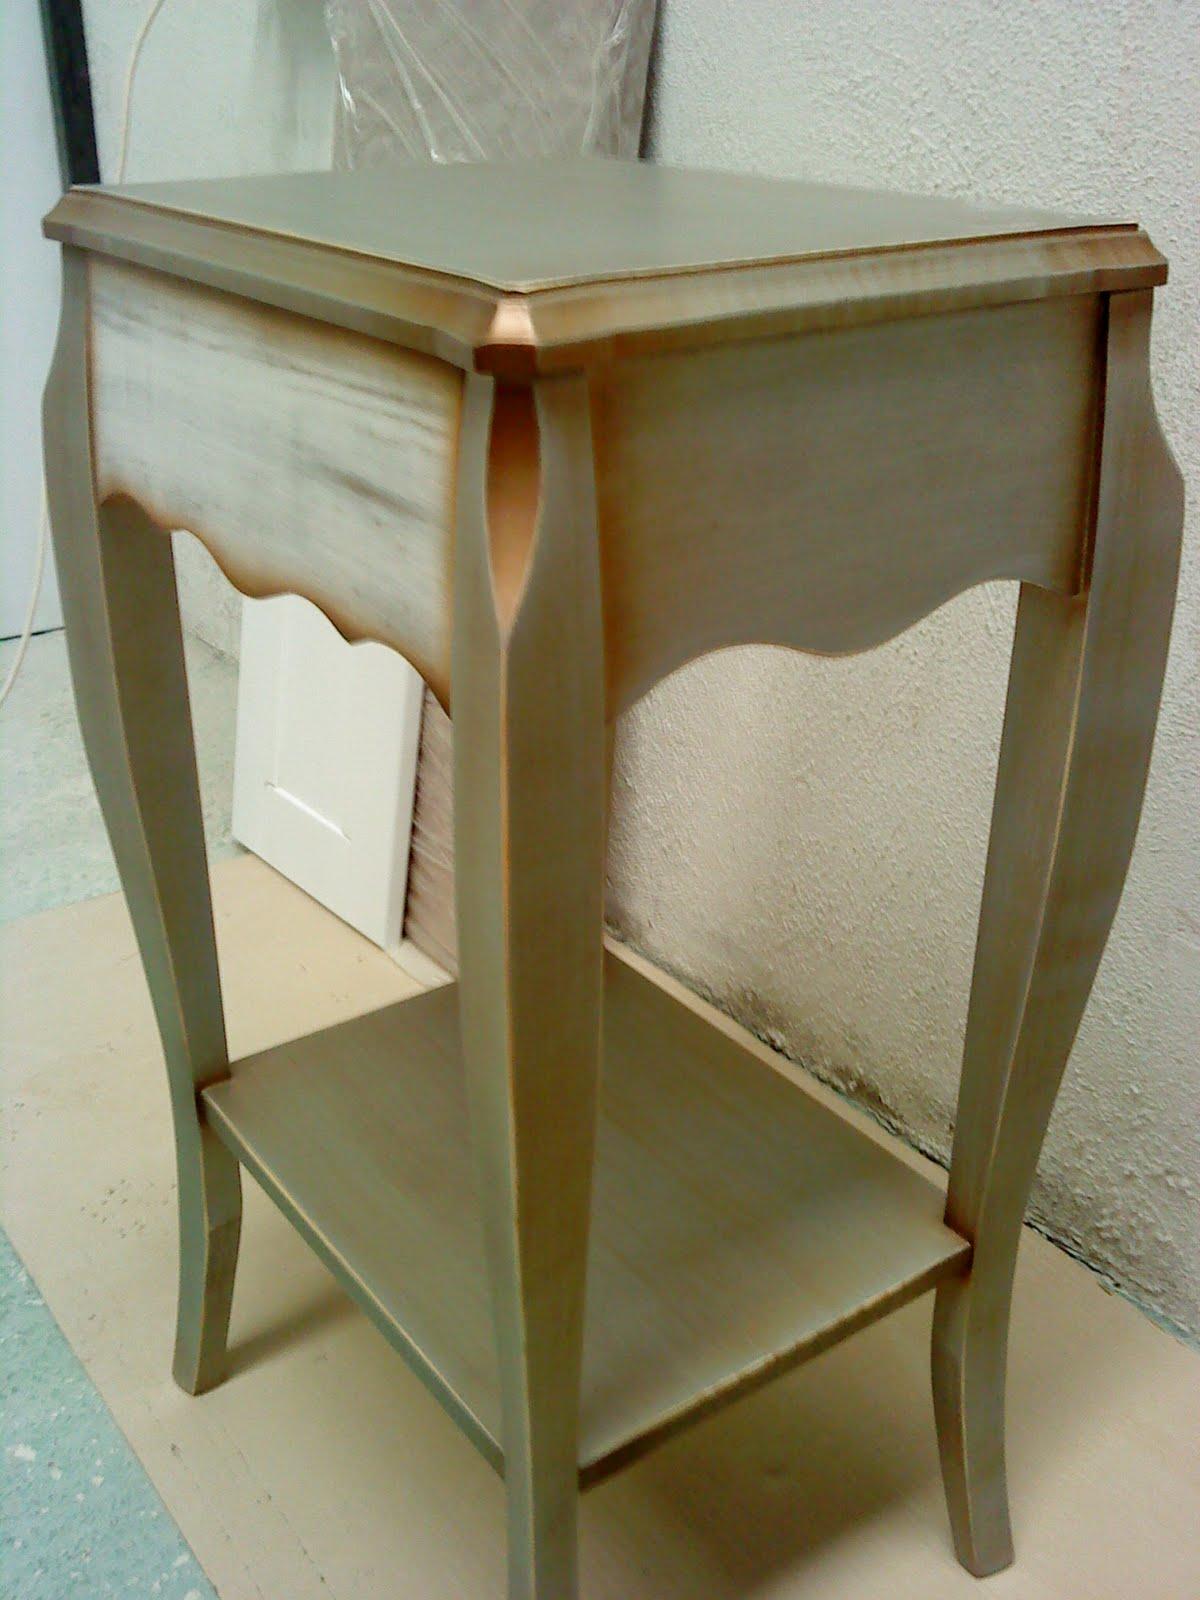 El rincon del mueble plata y oro sabor antiguo - Muebles pintados en plata ...